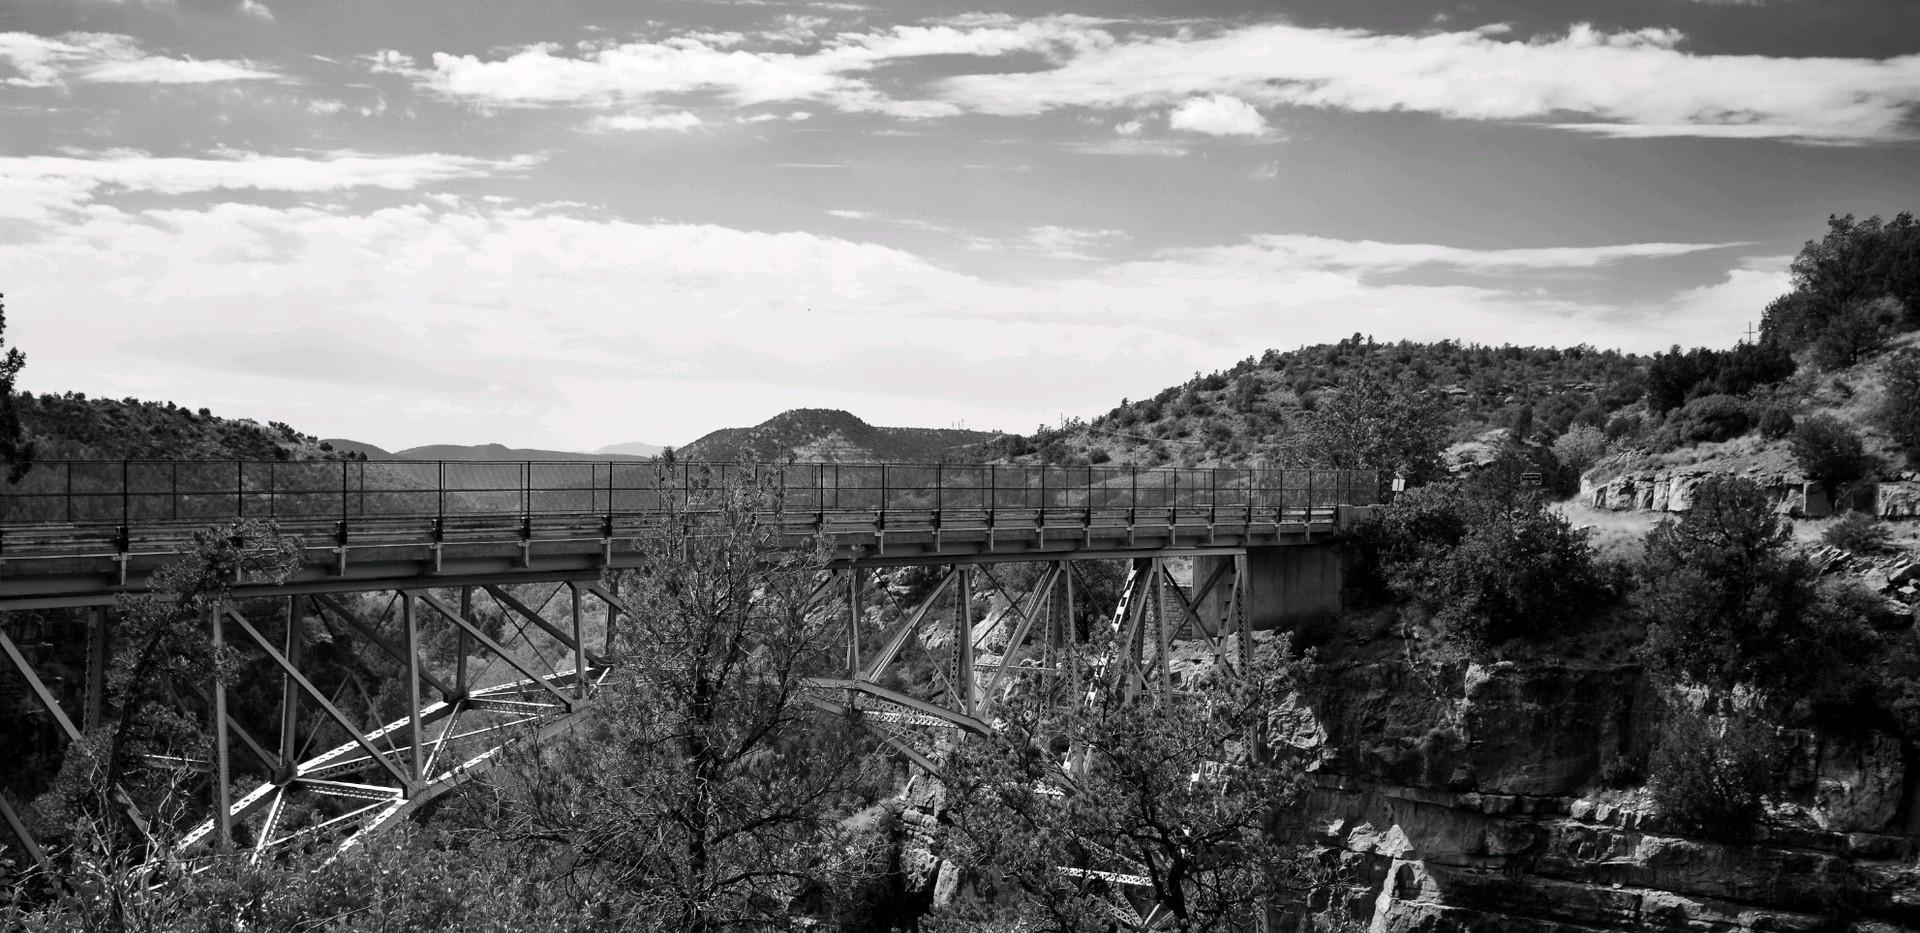 Bridge over Midgely